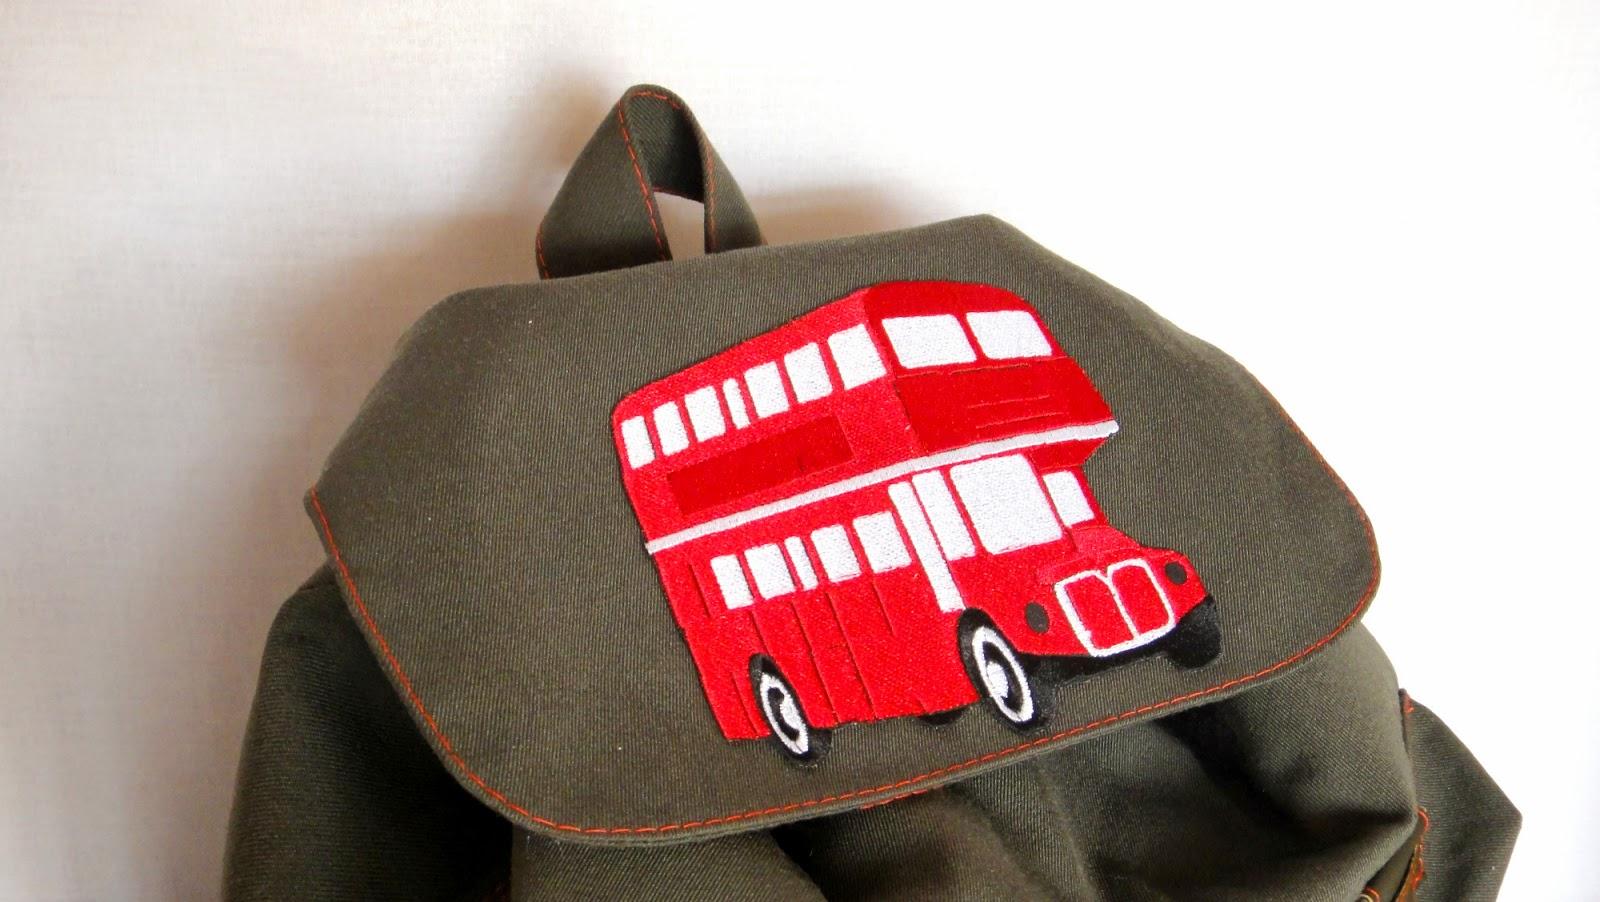 Рюкзак в лондонском стиле Красный автобус, двухэтажный автобус - рюкзак для школы